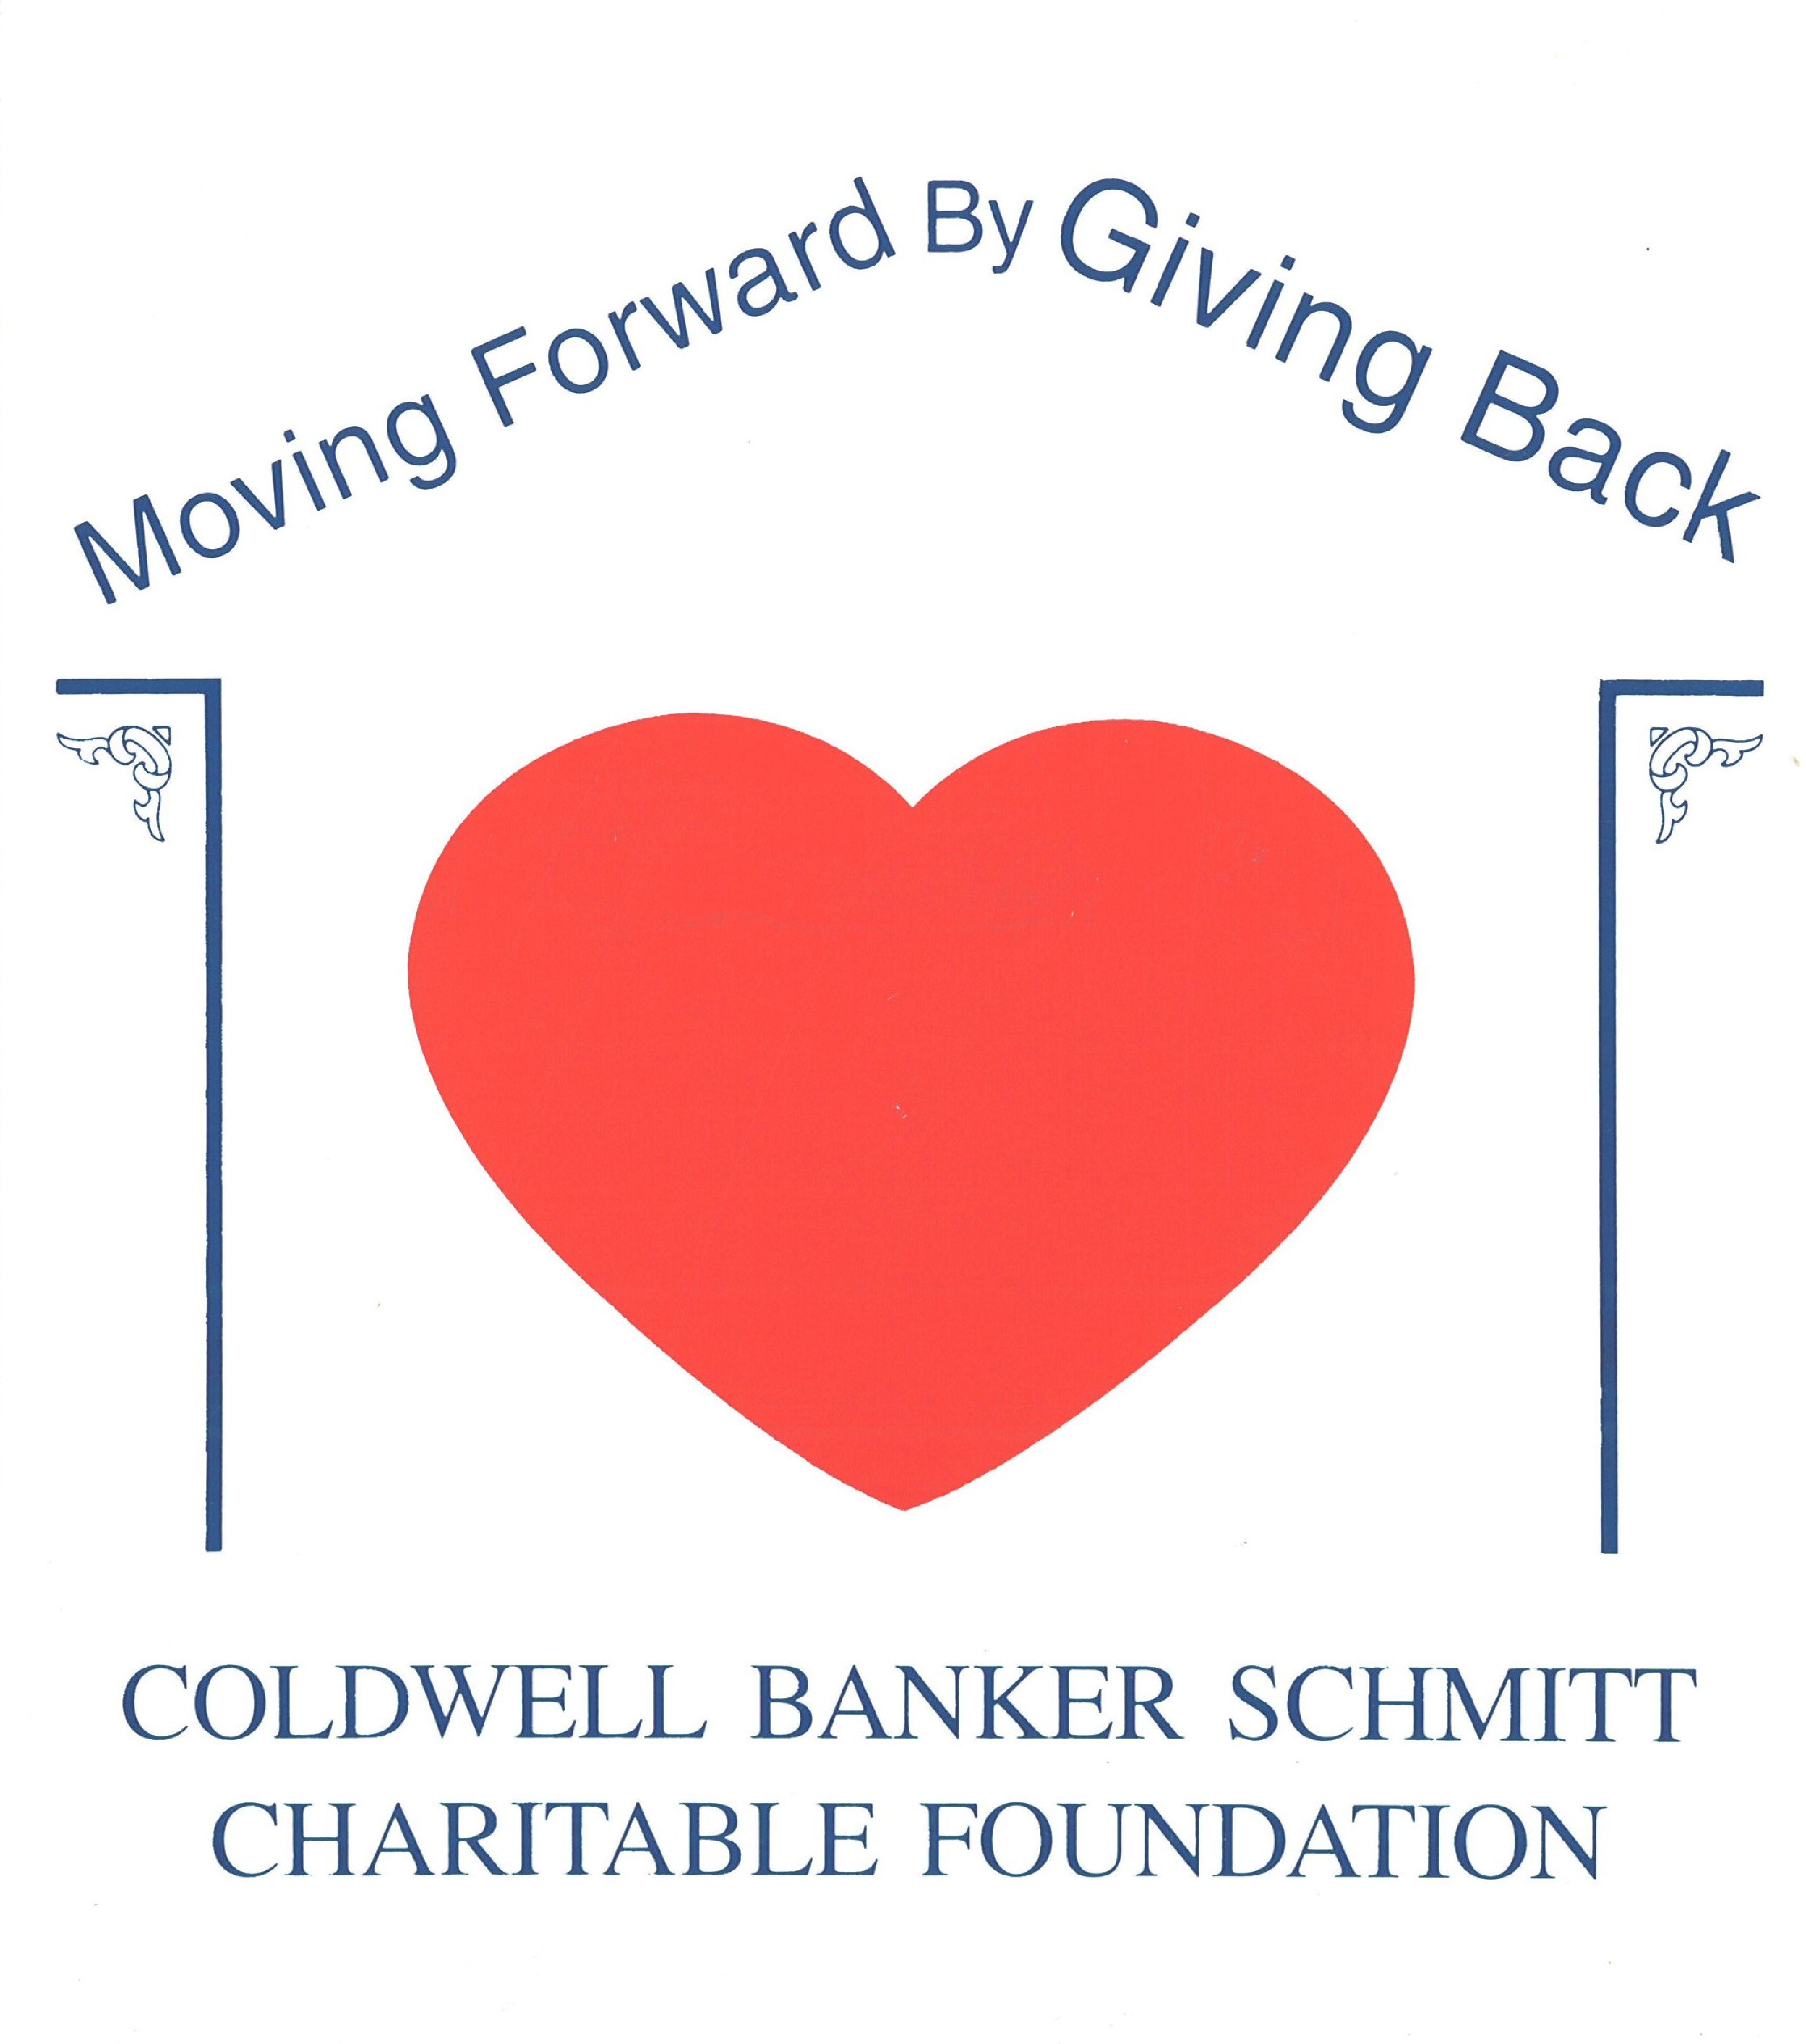 Coldwell Banker Schmitt Charitable Foundation